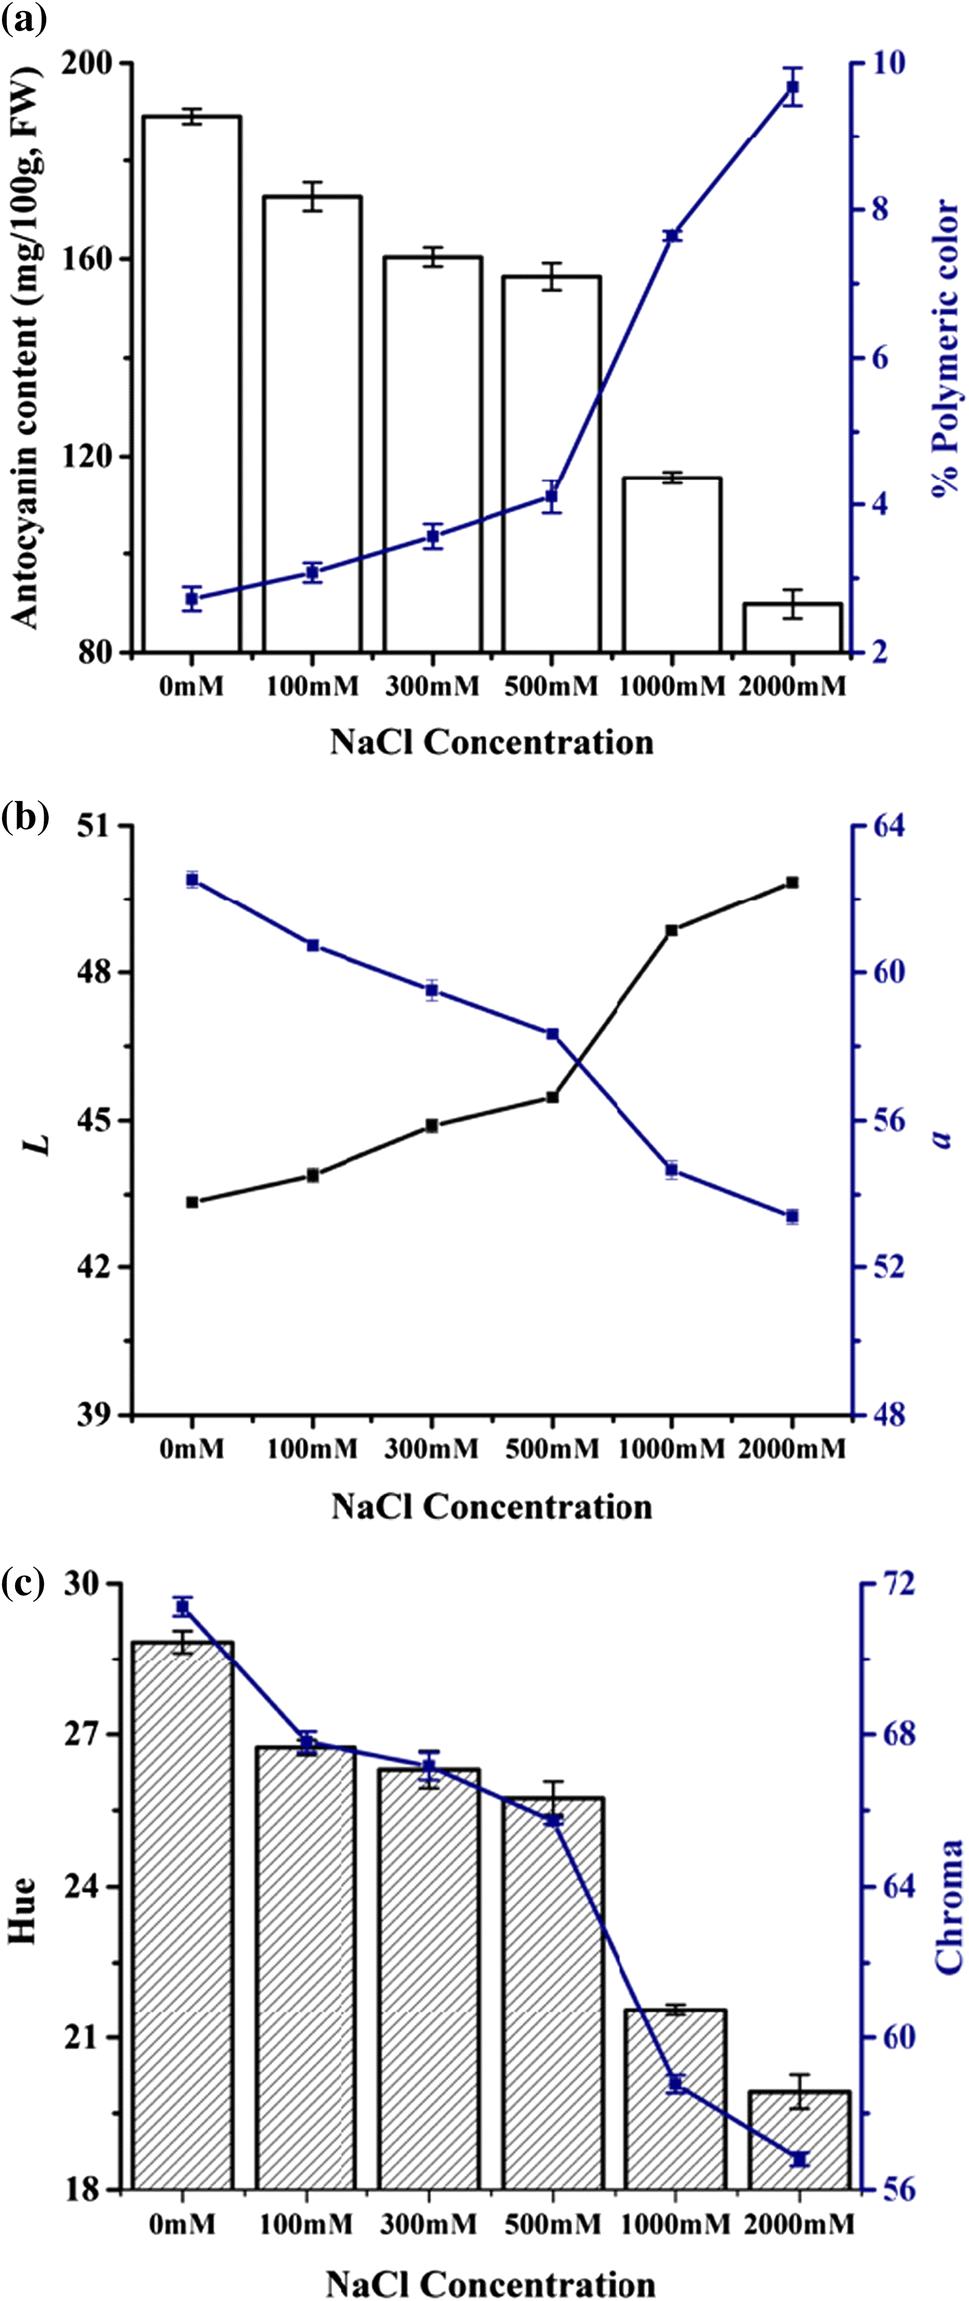 tanie trampki wielka wyprzedaż nowe promocje Effect of sodium chloride concentration on off-flavor ...